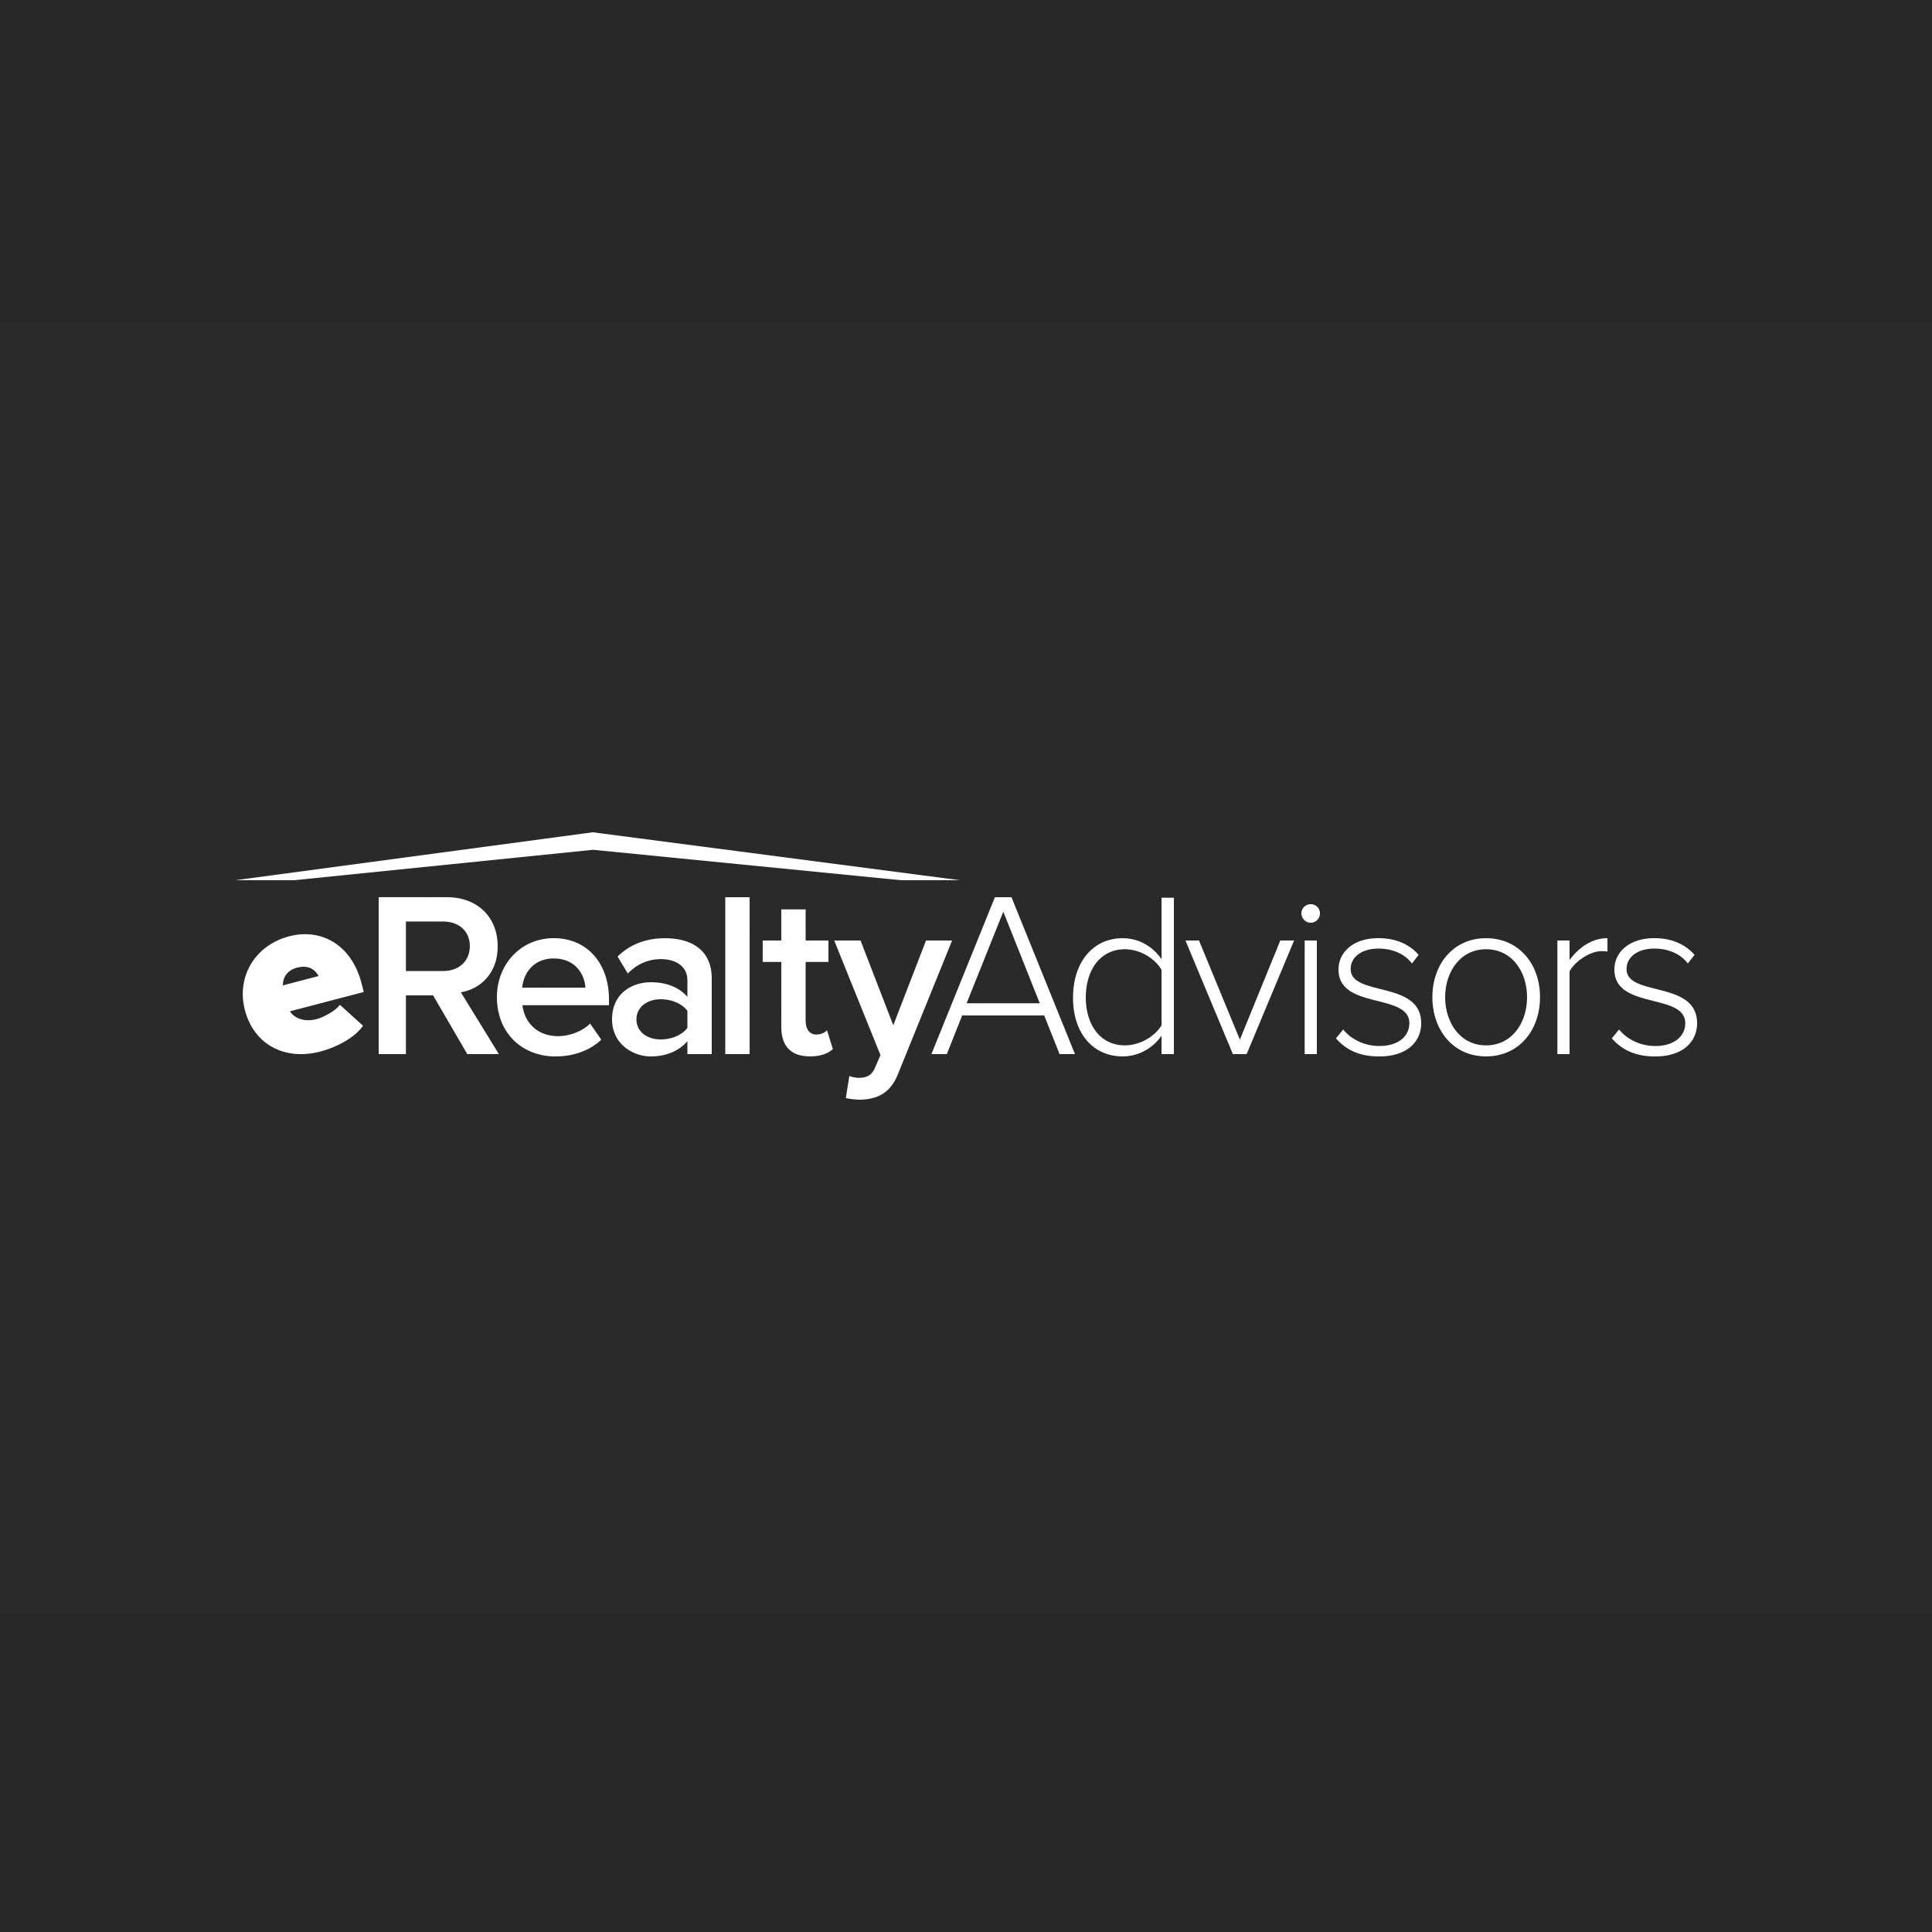 E Realty Advisors